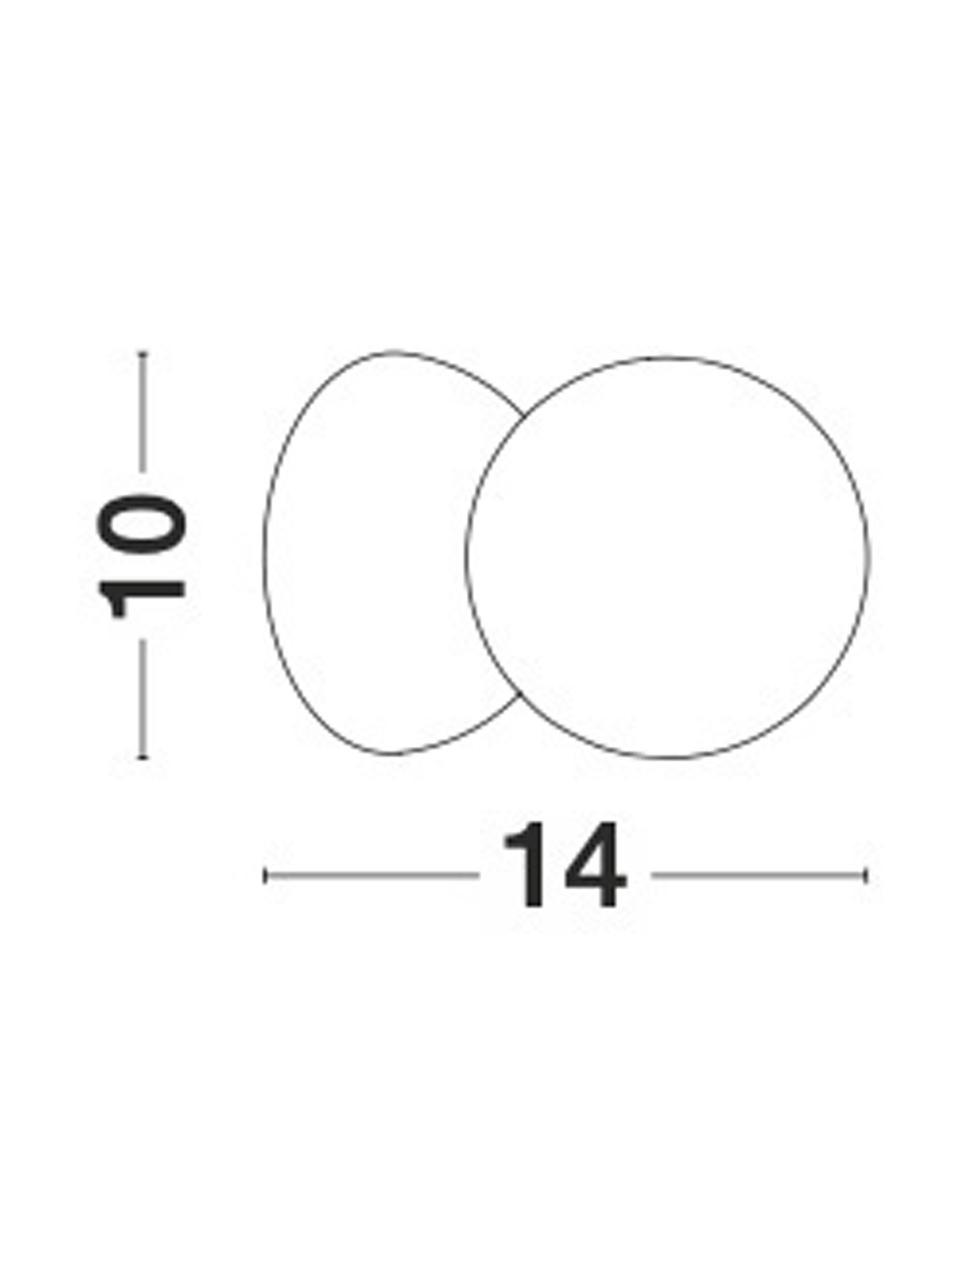 Applique in cemento vetro opale Zero, Paralume: vetro opale, Grigio, bianco, Ø 10 x Prof. 14 cm